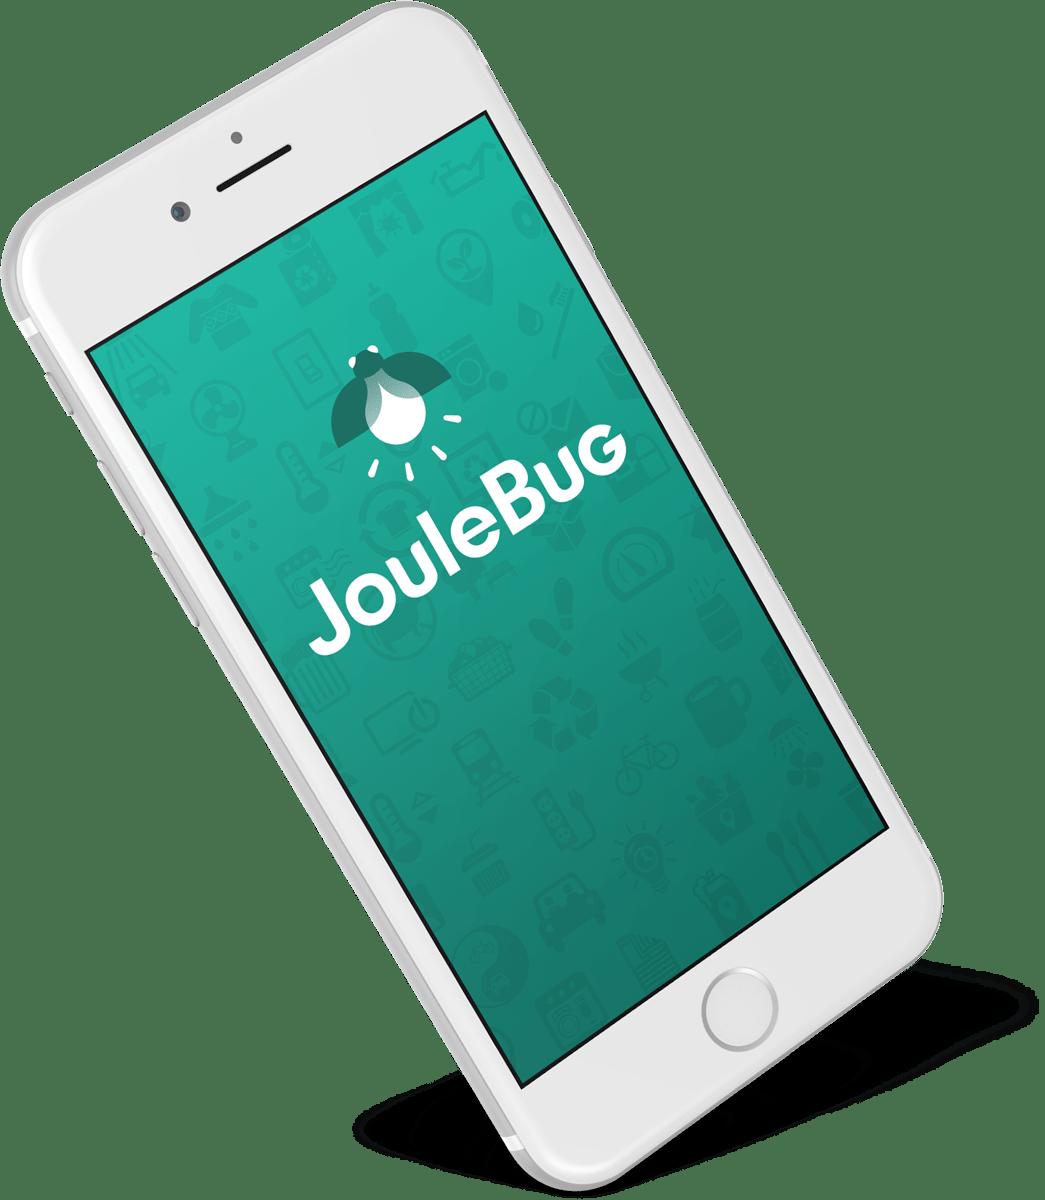 JouleBug-Phone